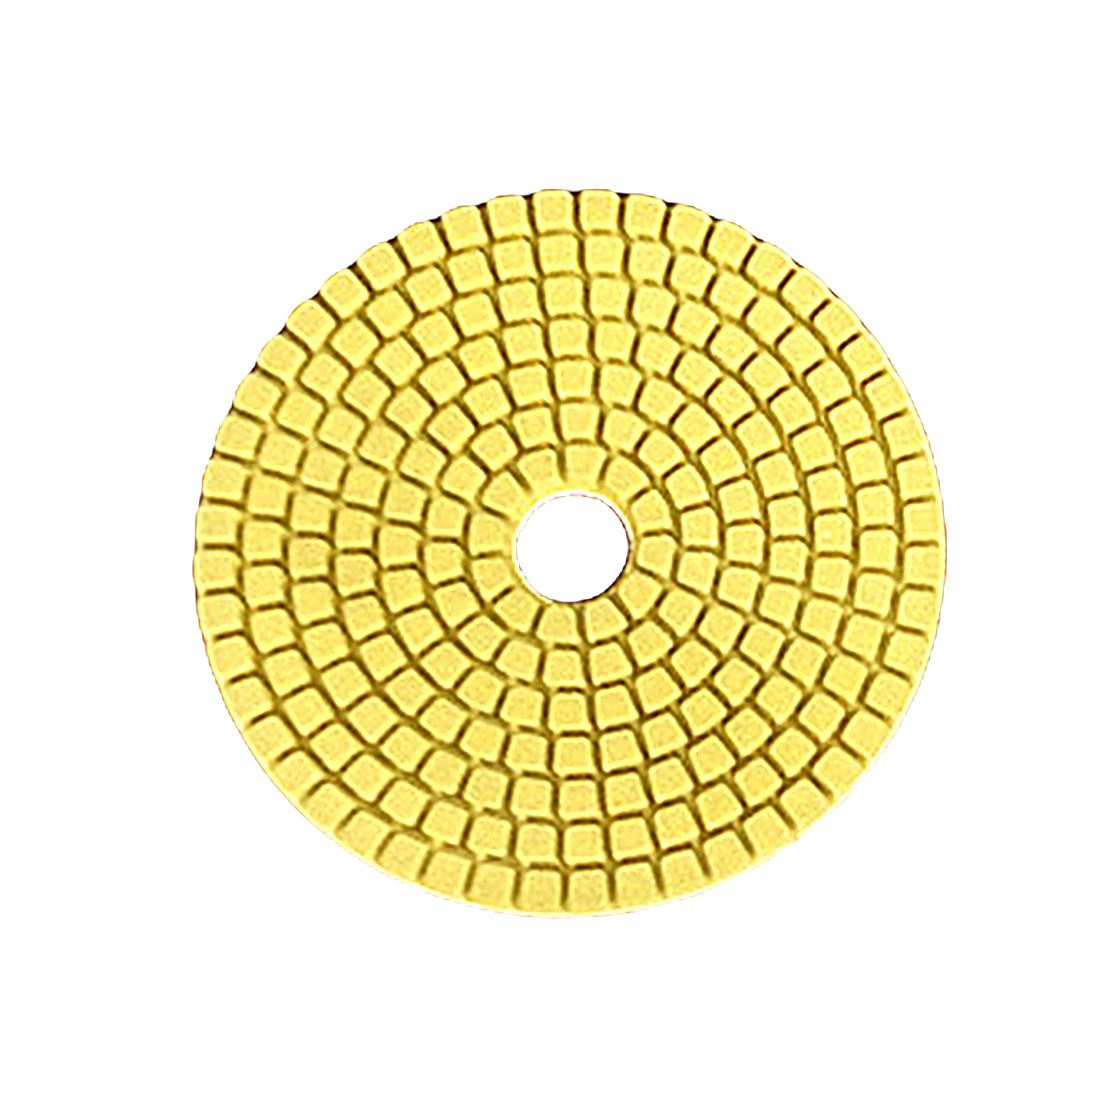 100*4mm Grinding Discs Wet Diamond Polishing Pad For Glass Granite Marble Stone Grinding Wheel Flexible Sandpaper